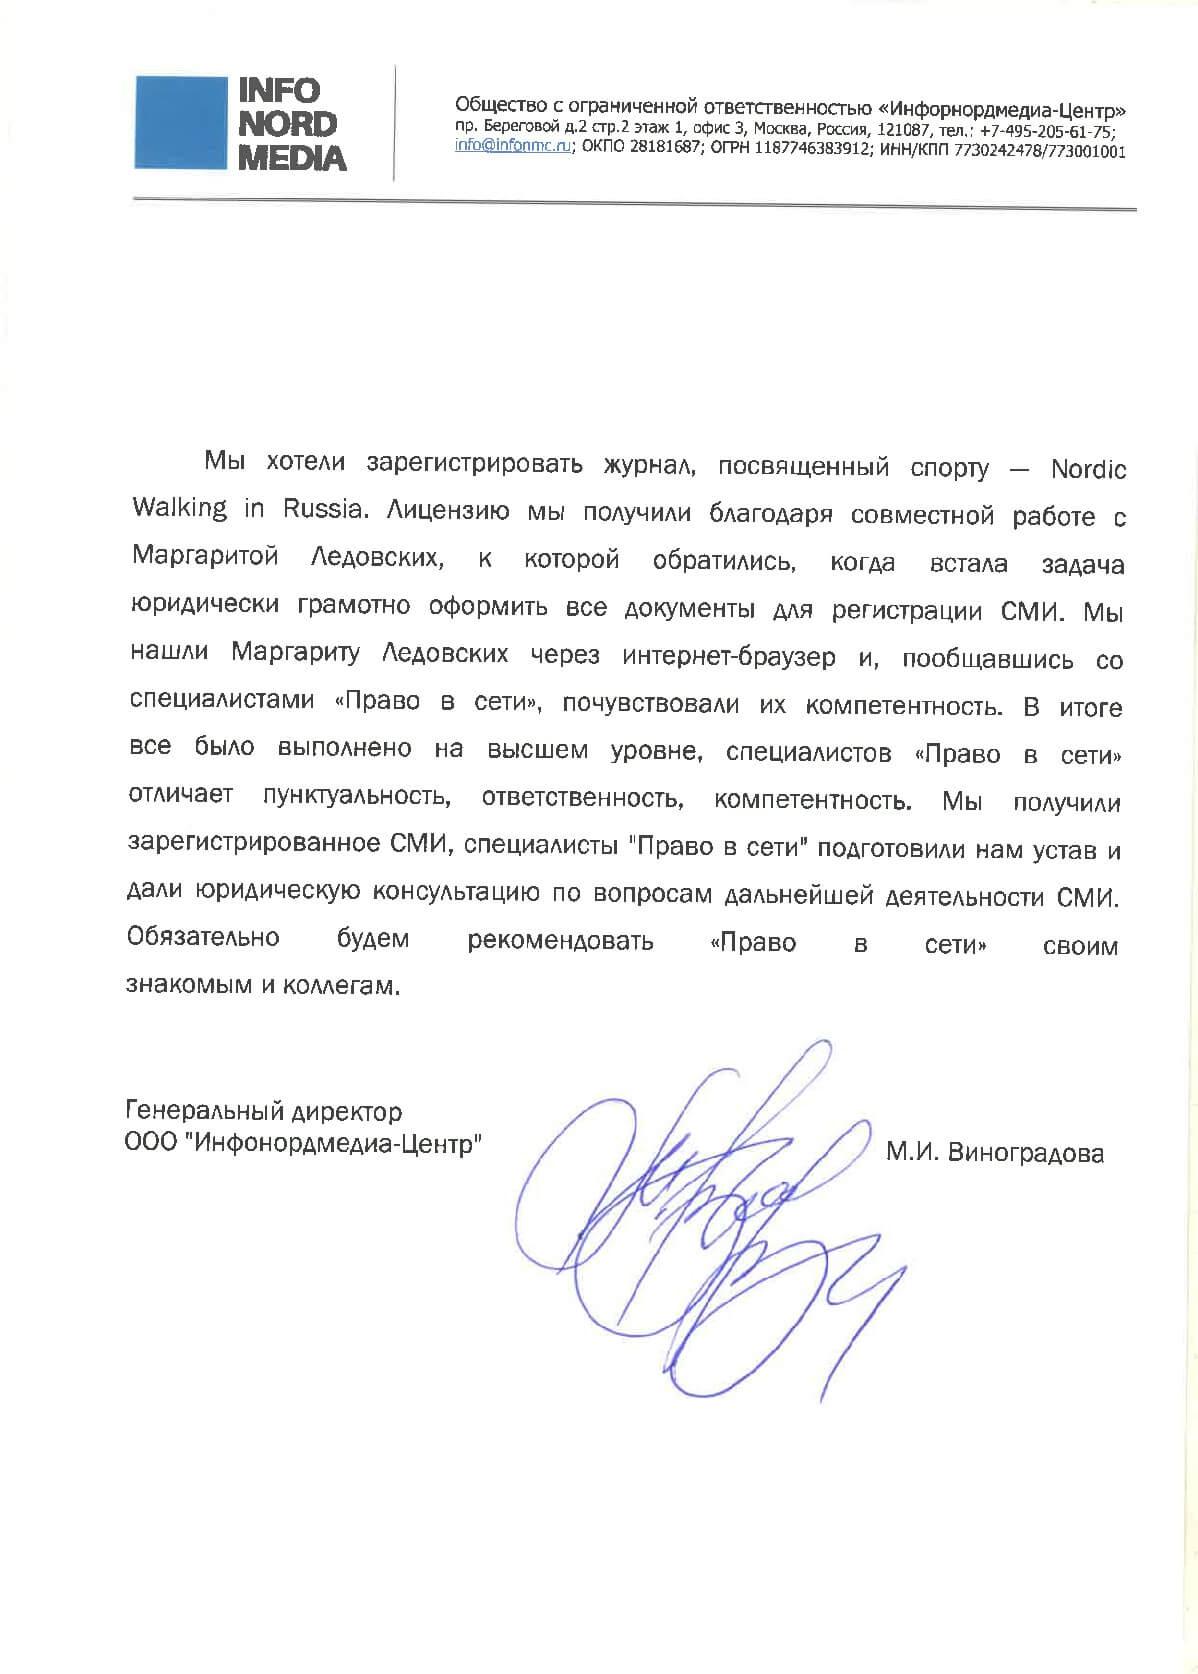 отзыв о регистрации СМИ и подготовке устава Инфонордмедиа-центр